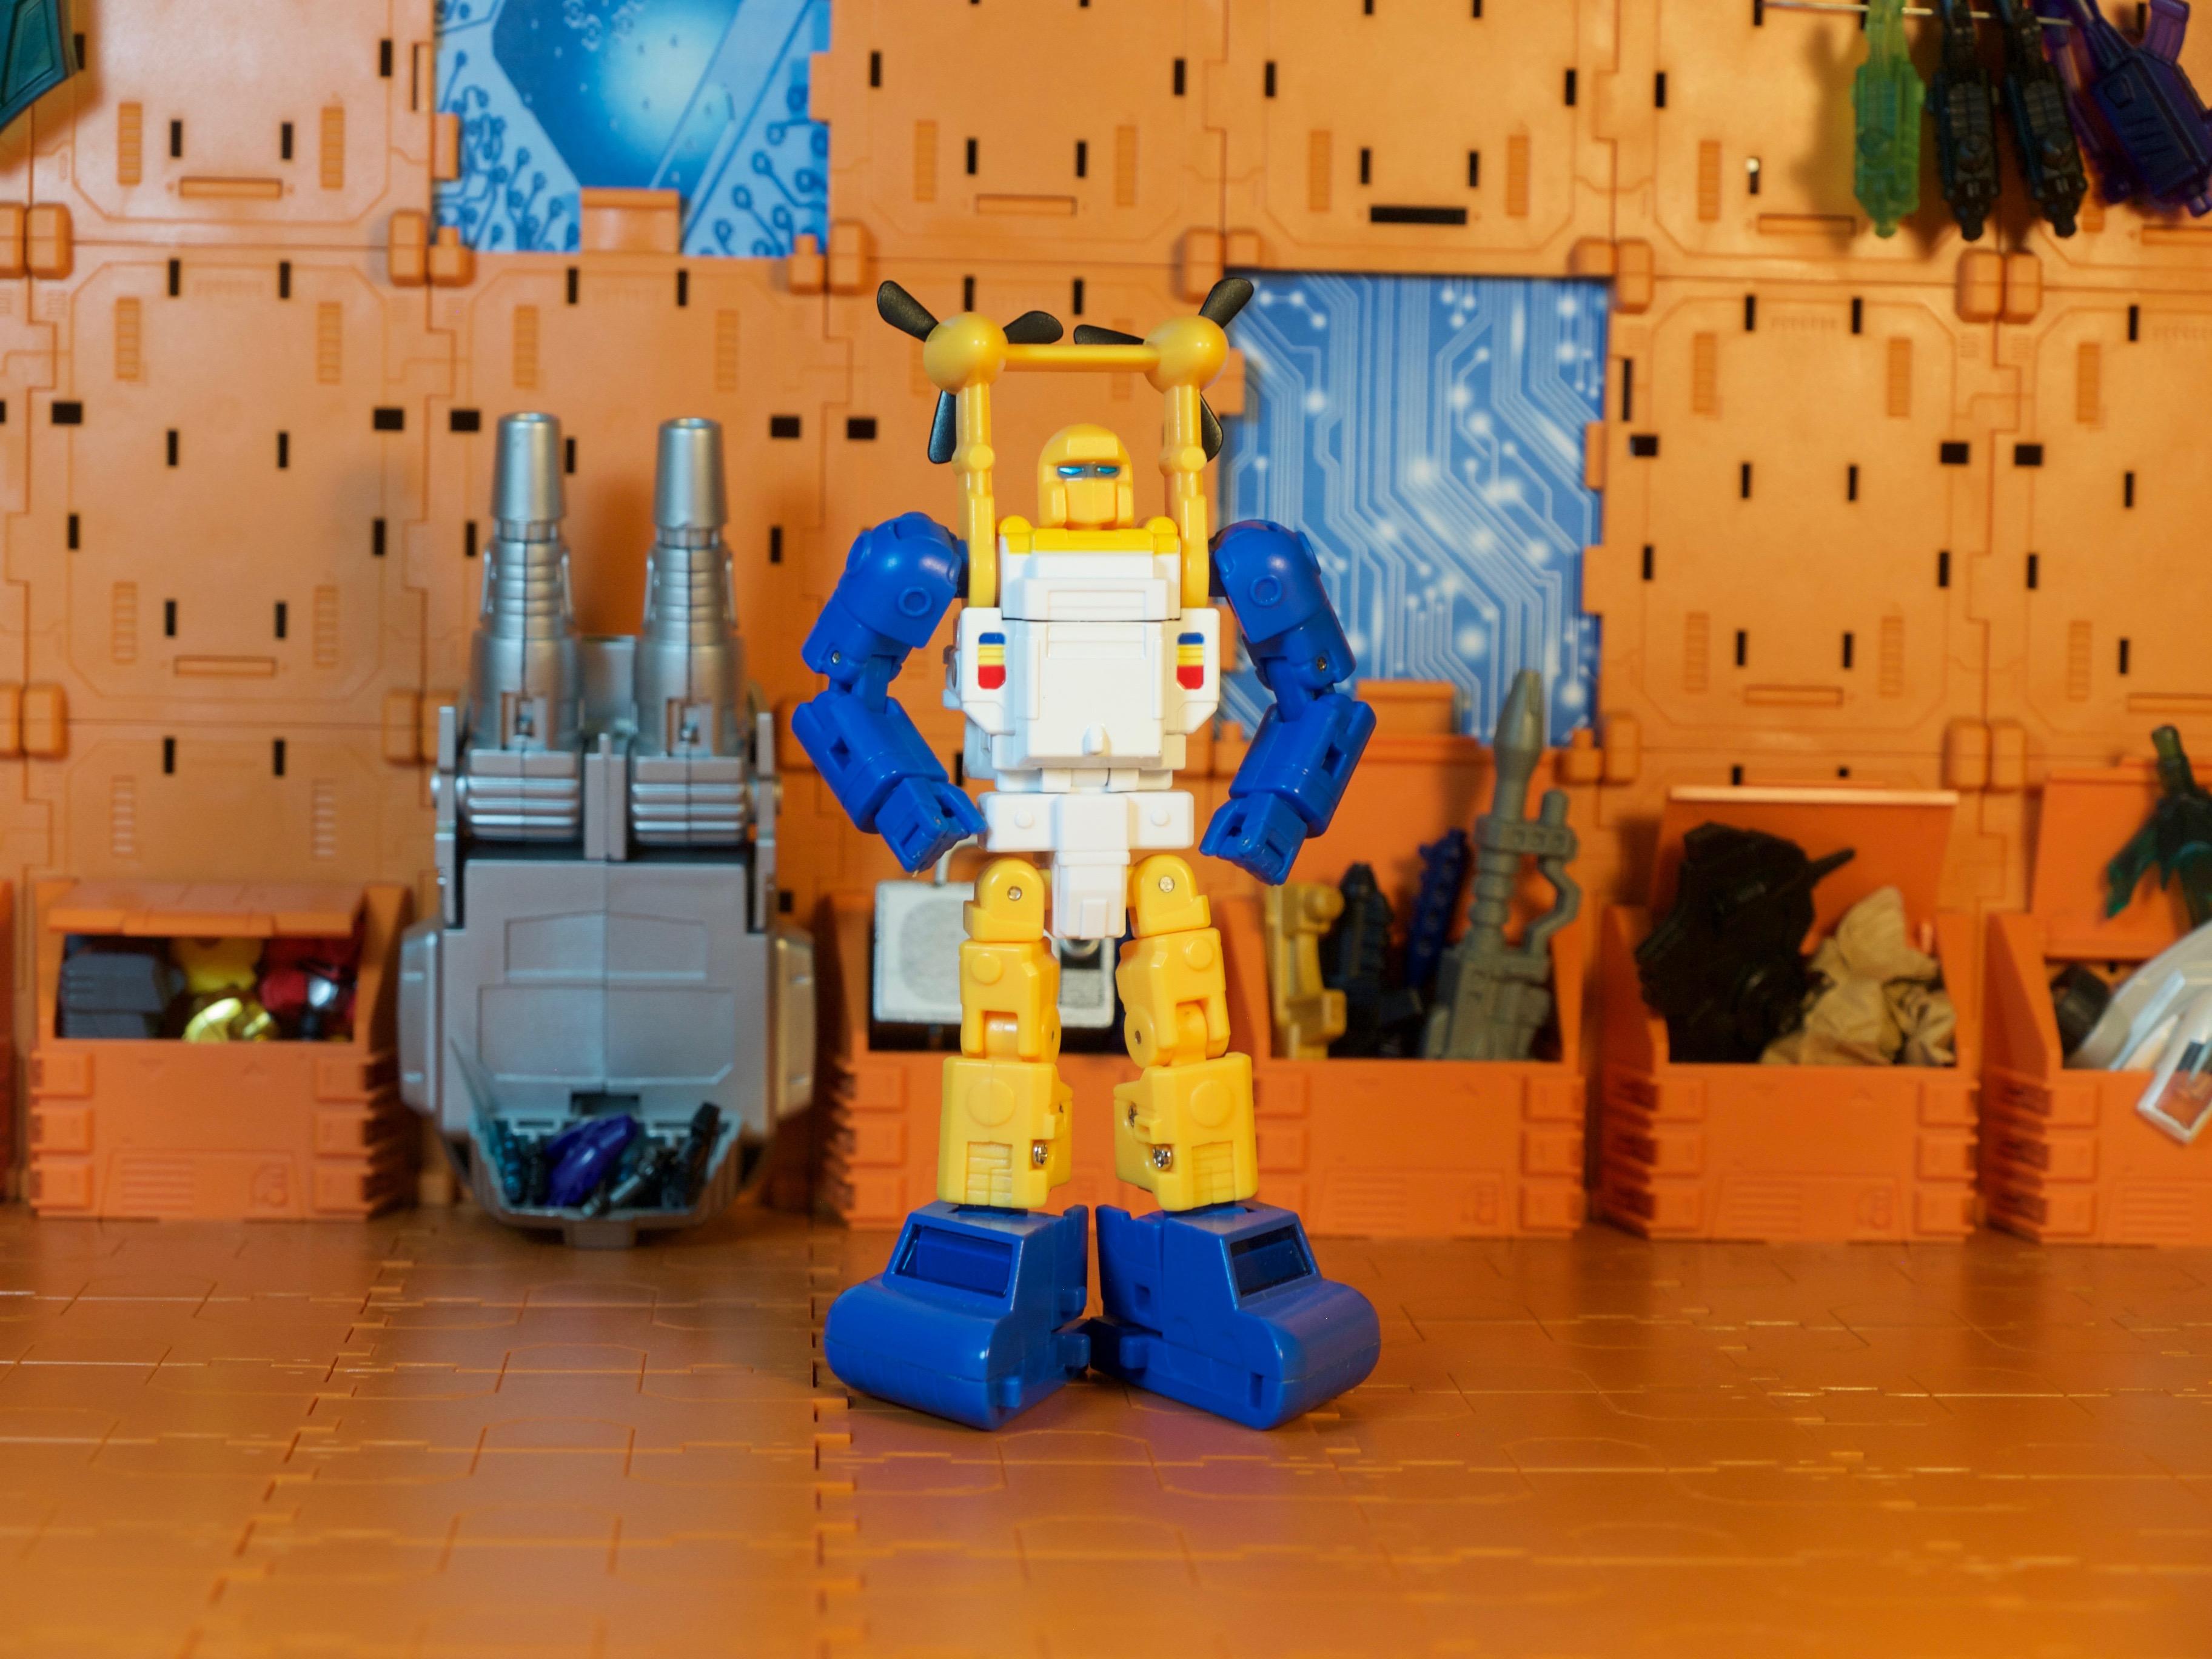 Spindrift robot